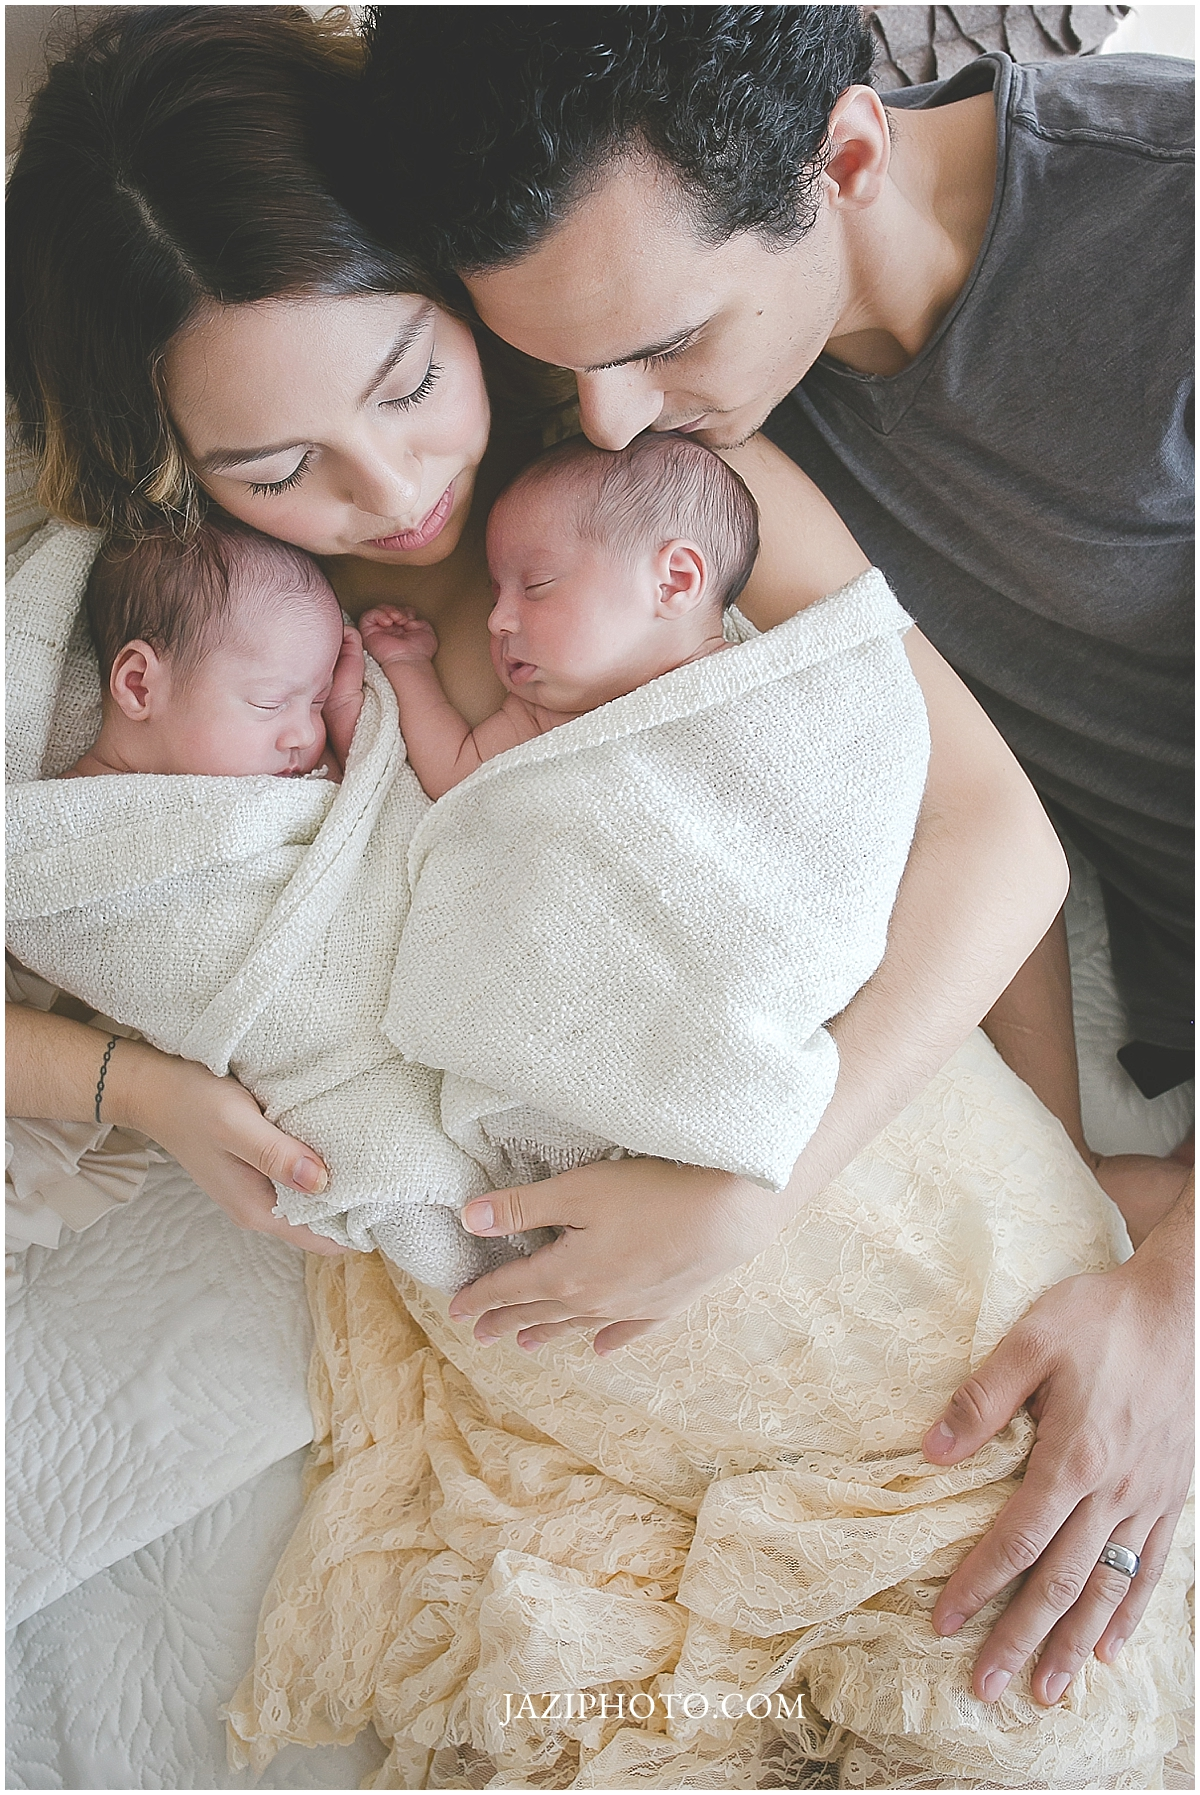 jazi photo | clickforhope chicago newborn photographer_0014.jpg